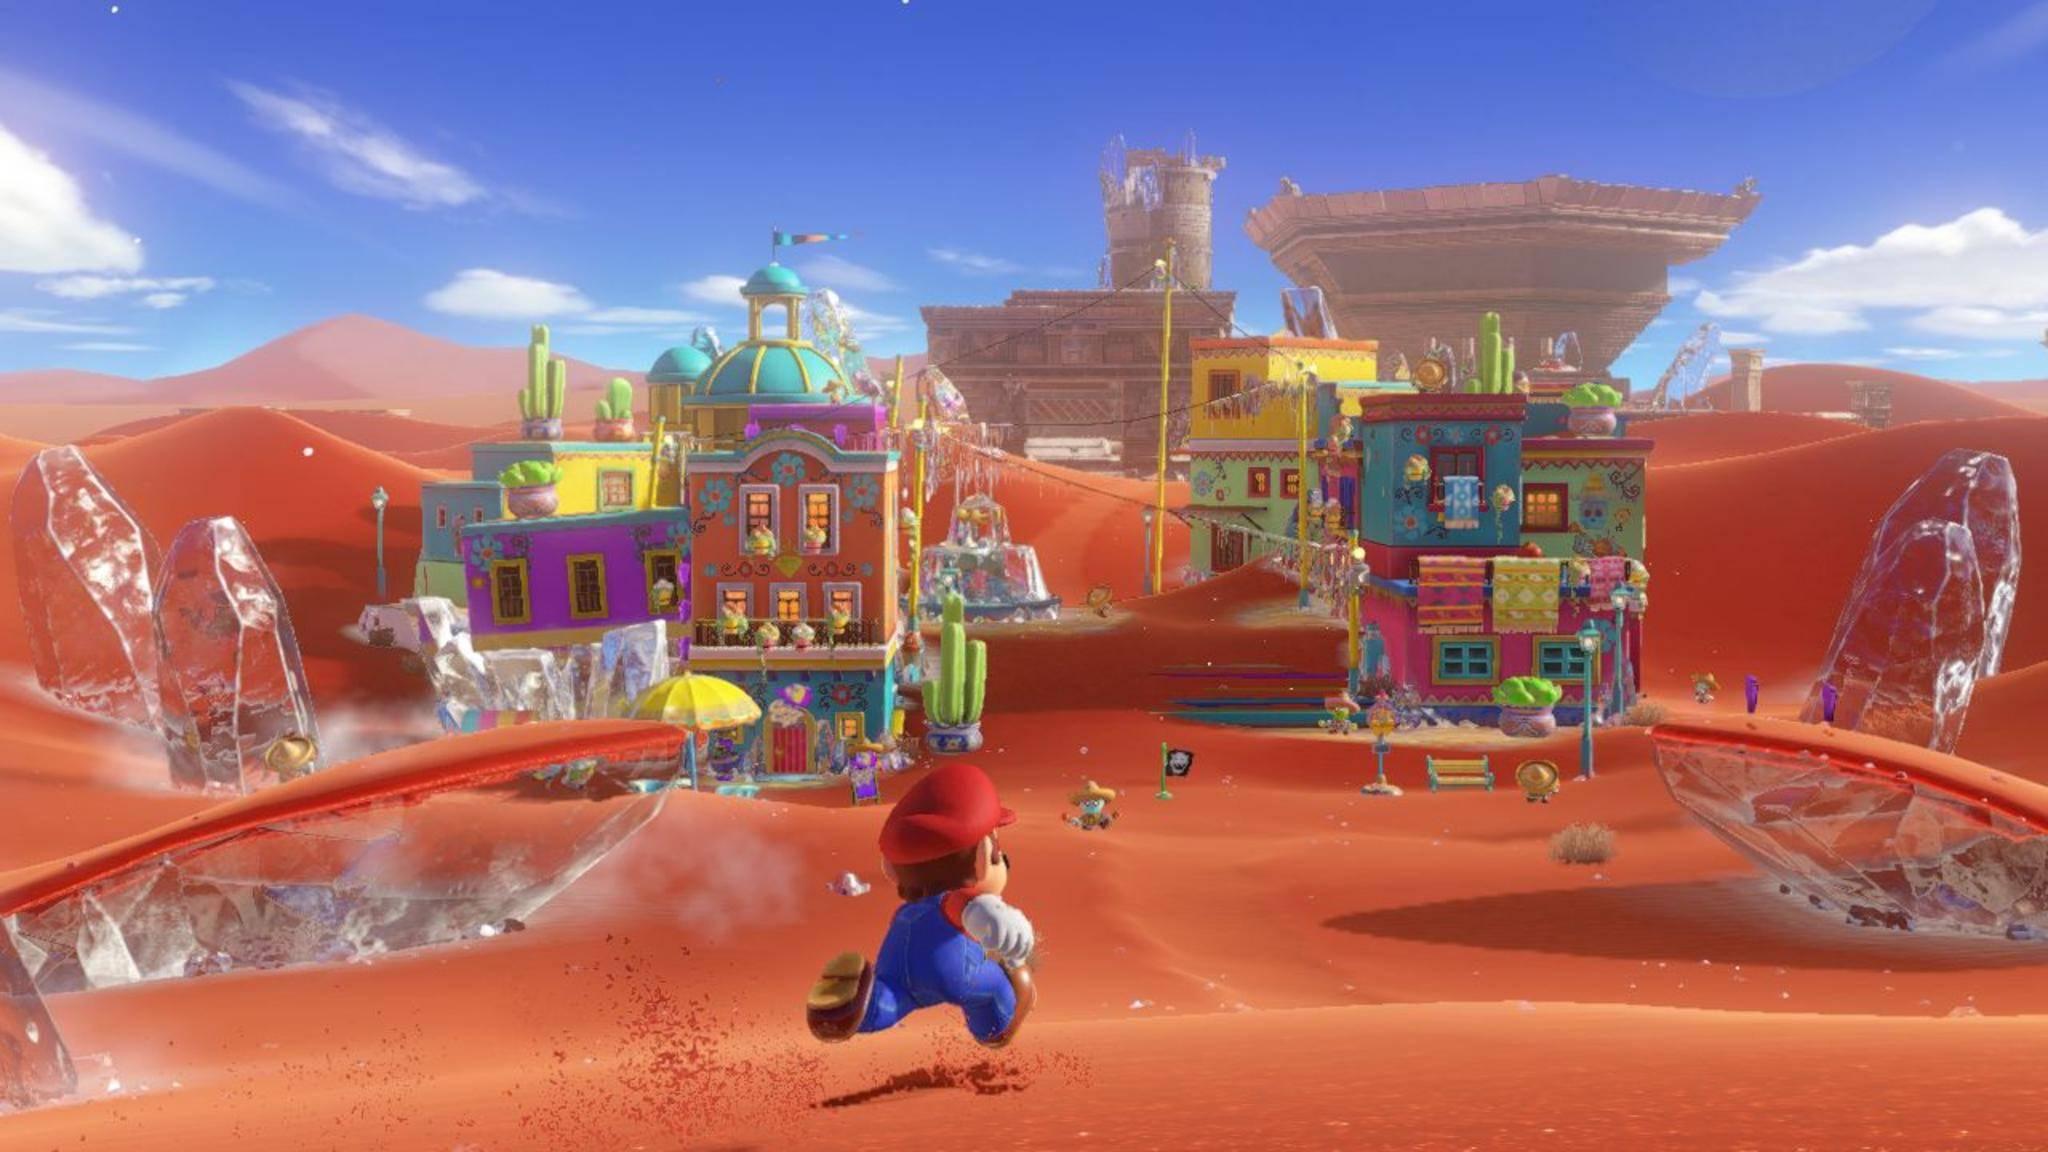 """Wüste, Stadt und Unterwasser: Mario bleibt auch in """"Super Mario Odyssey"""" wieder nichts erspart."""